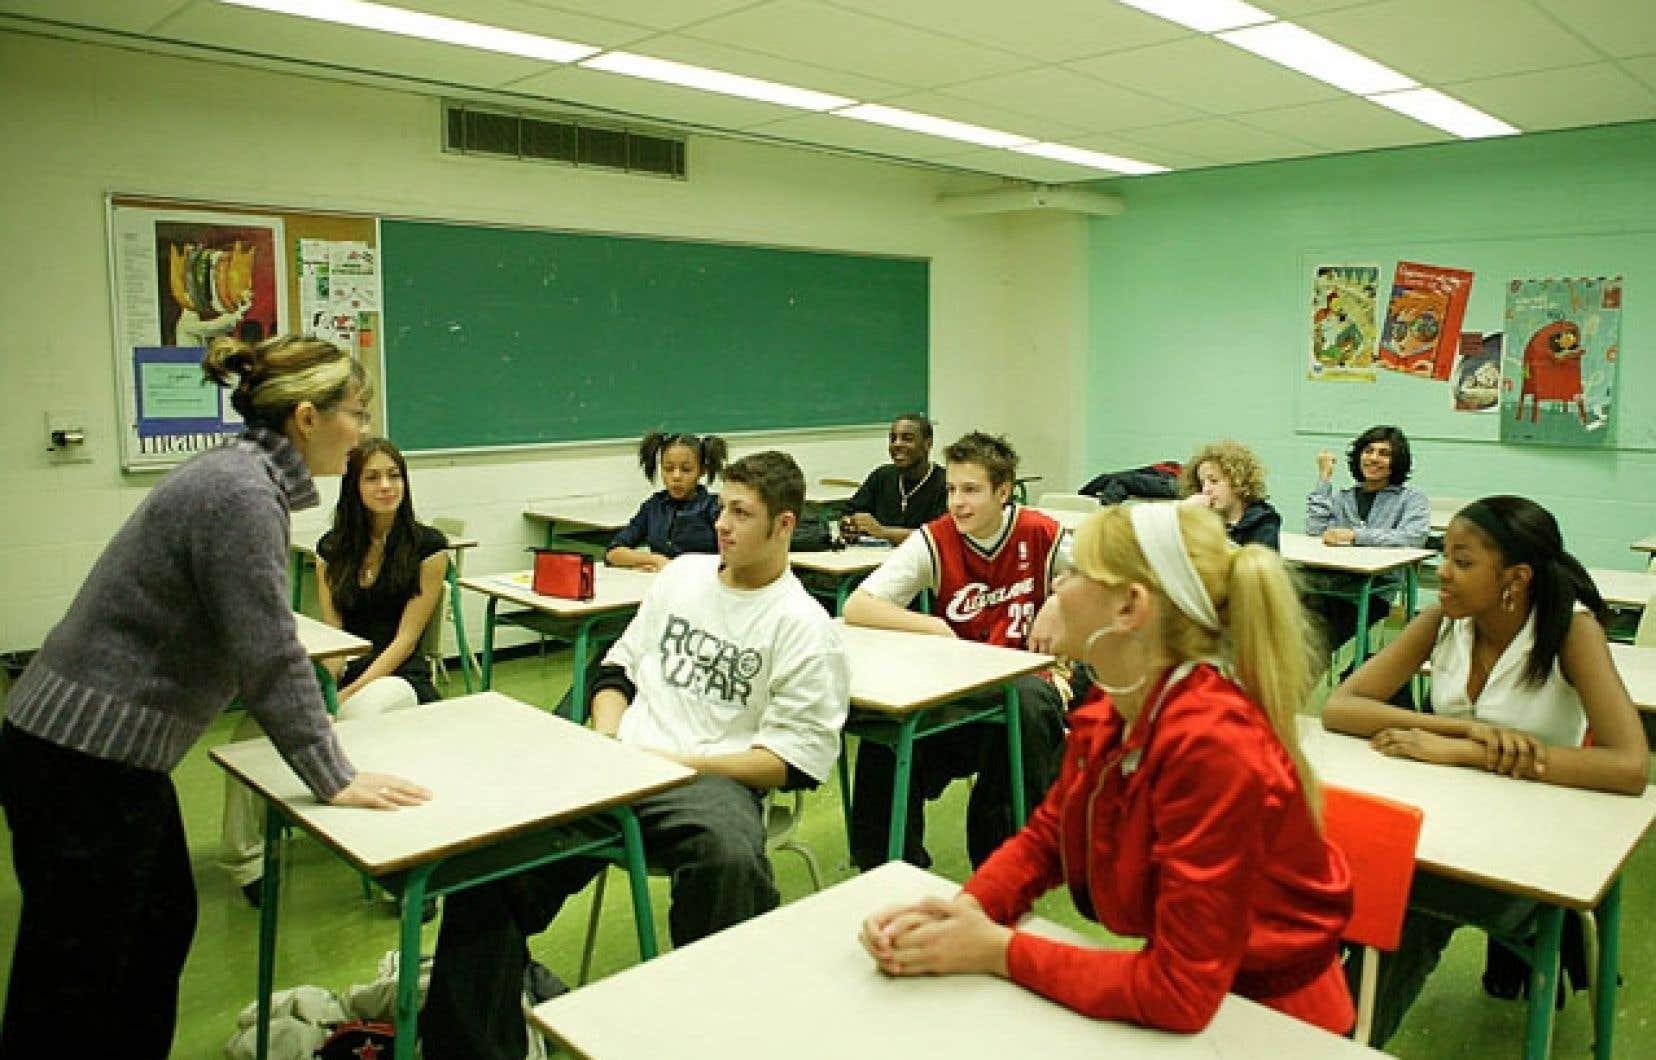 Le problème de l'enseignement de l'histoire n'est pas propre au Québec. Partout dans le monde, y compris au Canada anglais, l'enseignement de l'histoire fait débat.